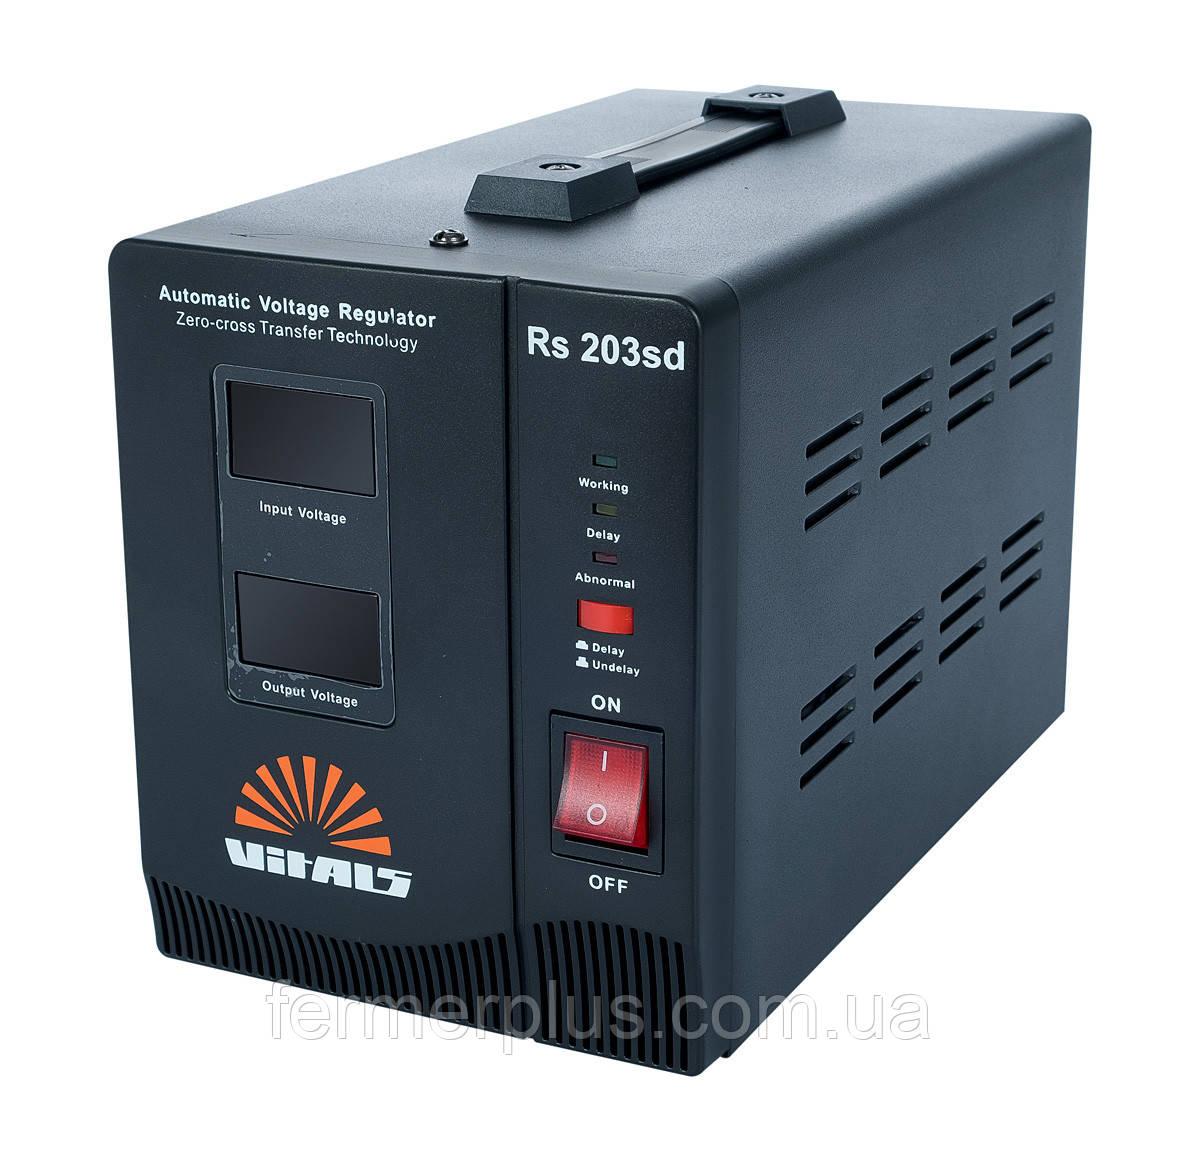 Стабилизатор напряжения Vitals Rs 203sd (140-260 В, 2000 Ва)